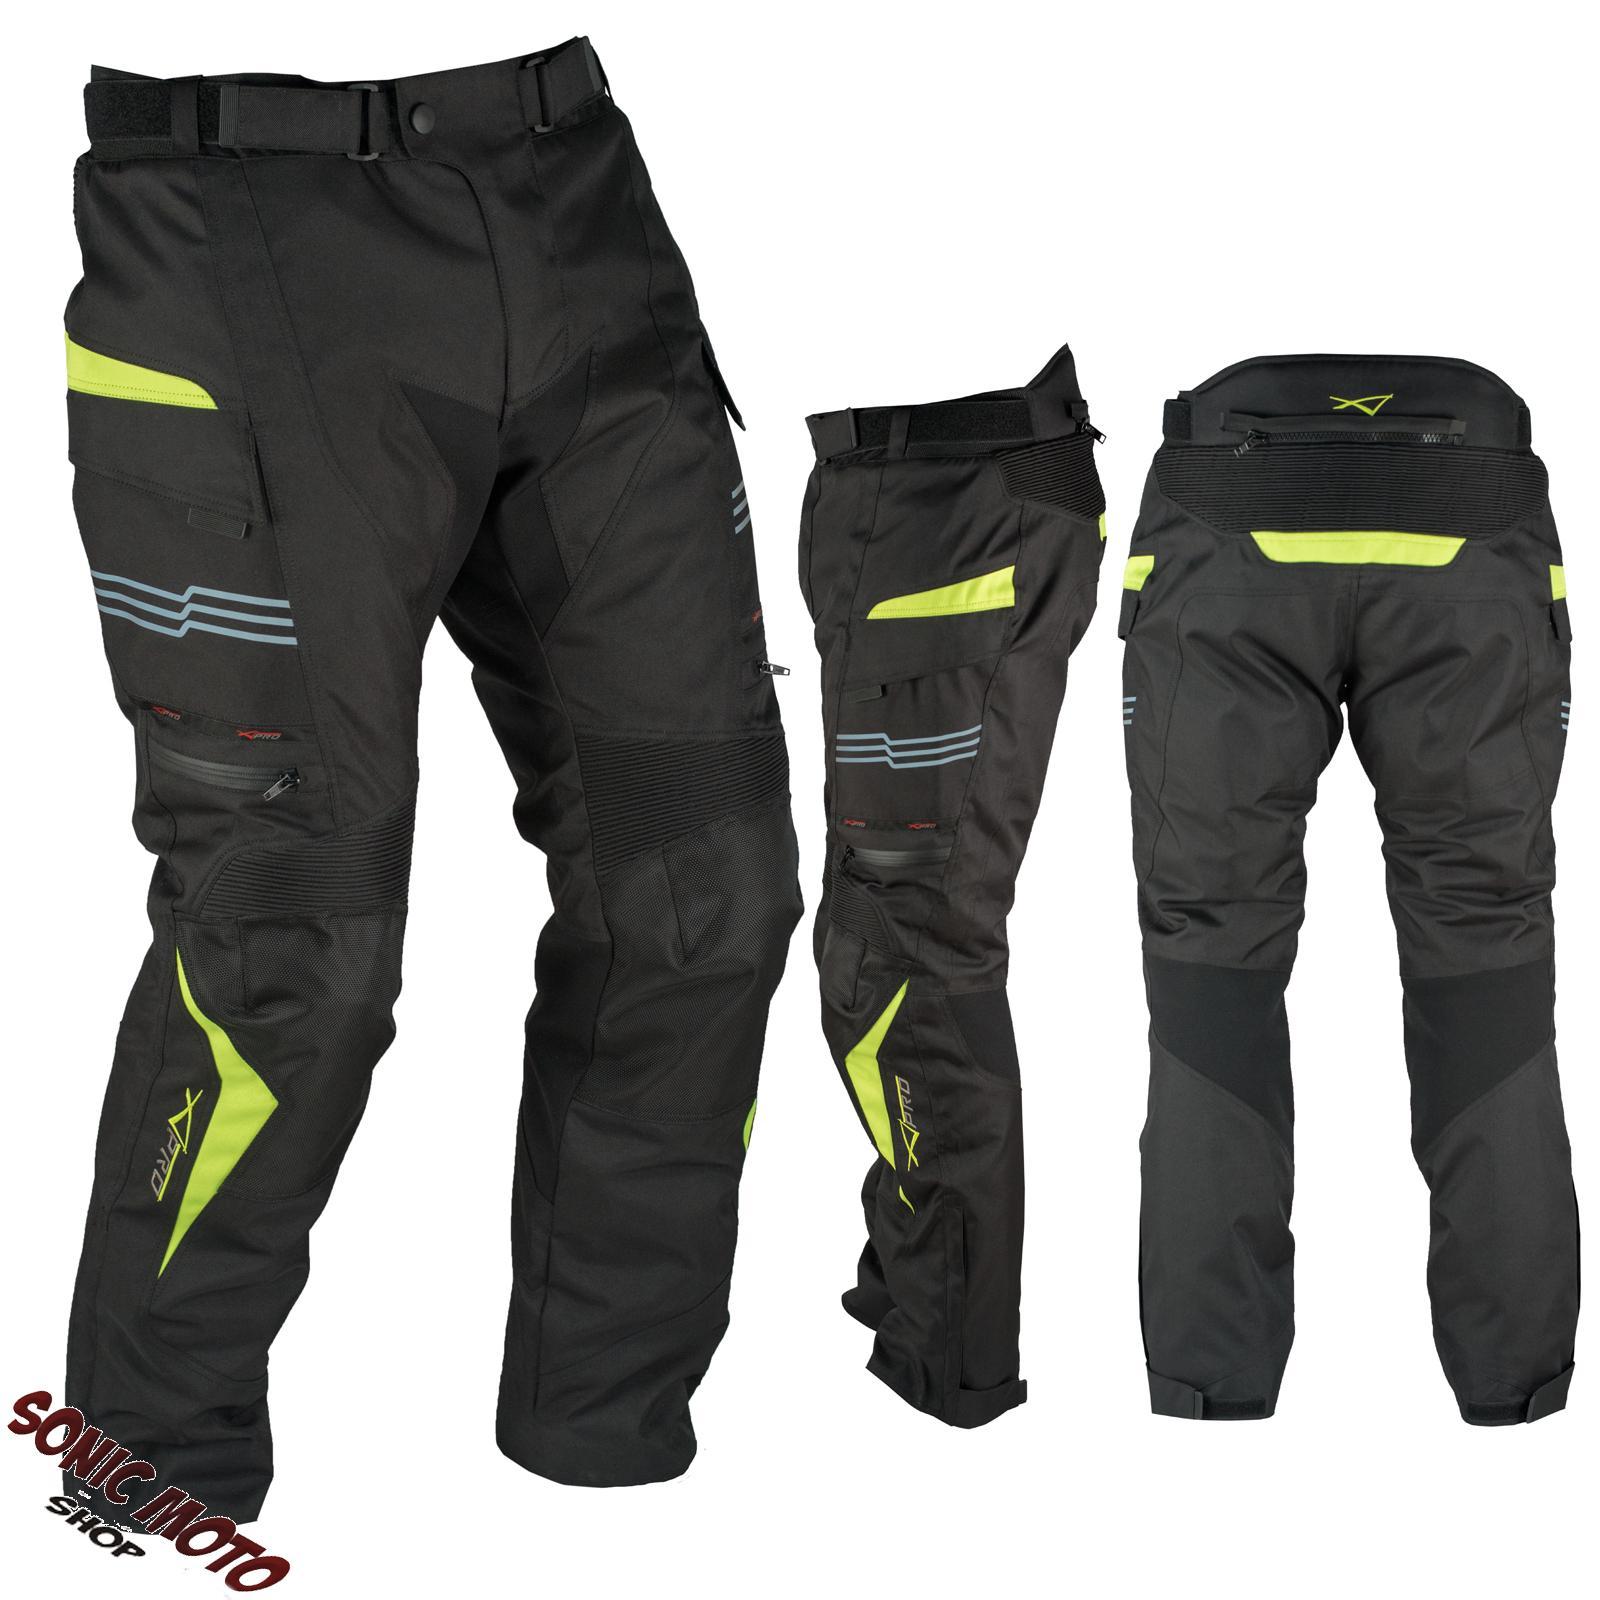 Moto-Pantalon-Impermeable-Thermique-Resistan-Protections-CE-Thermique